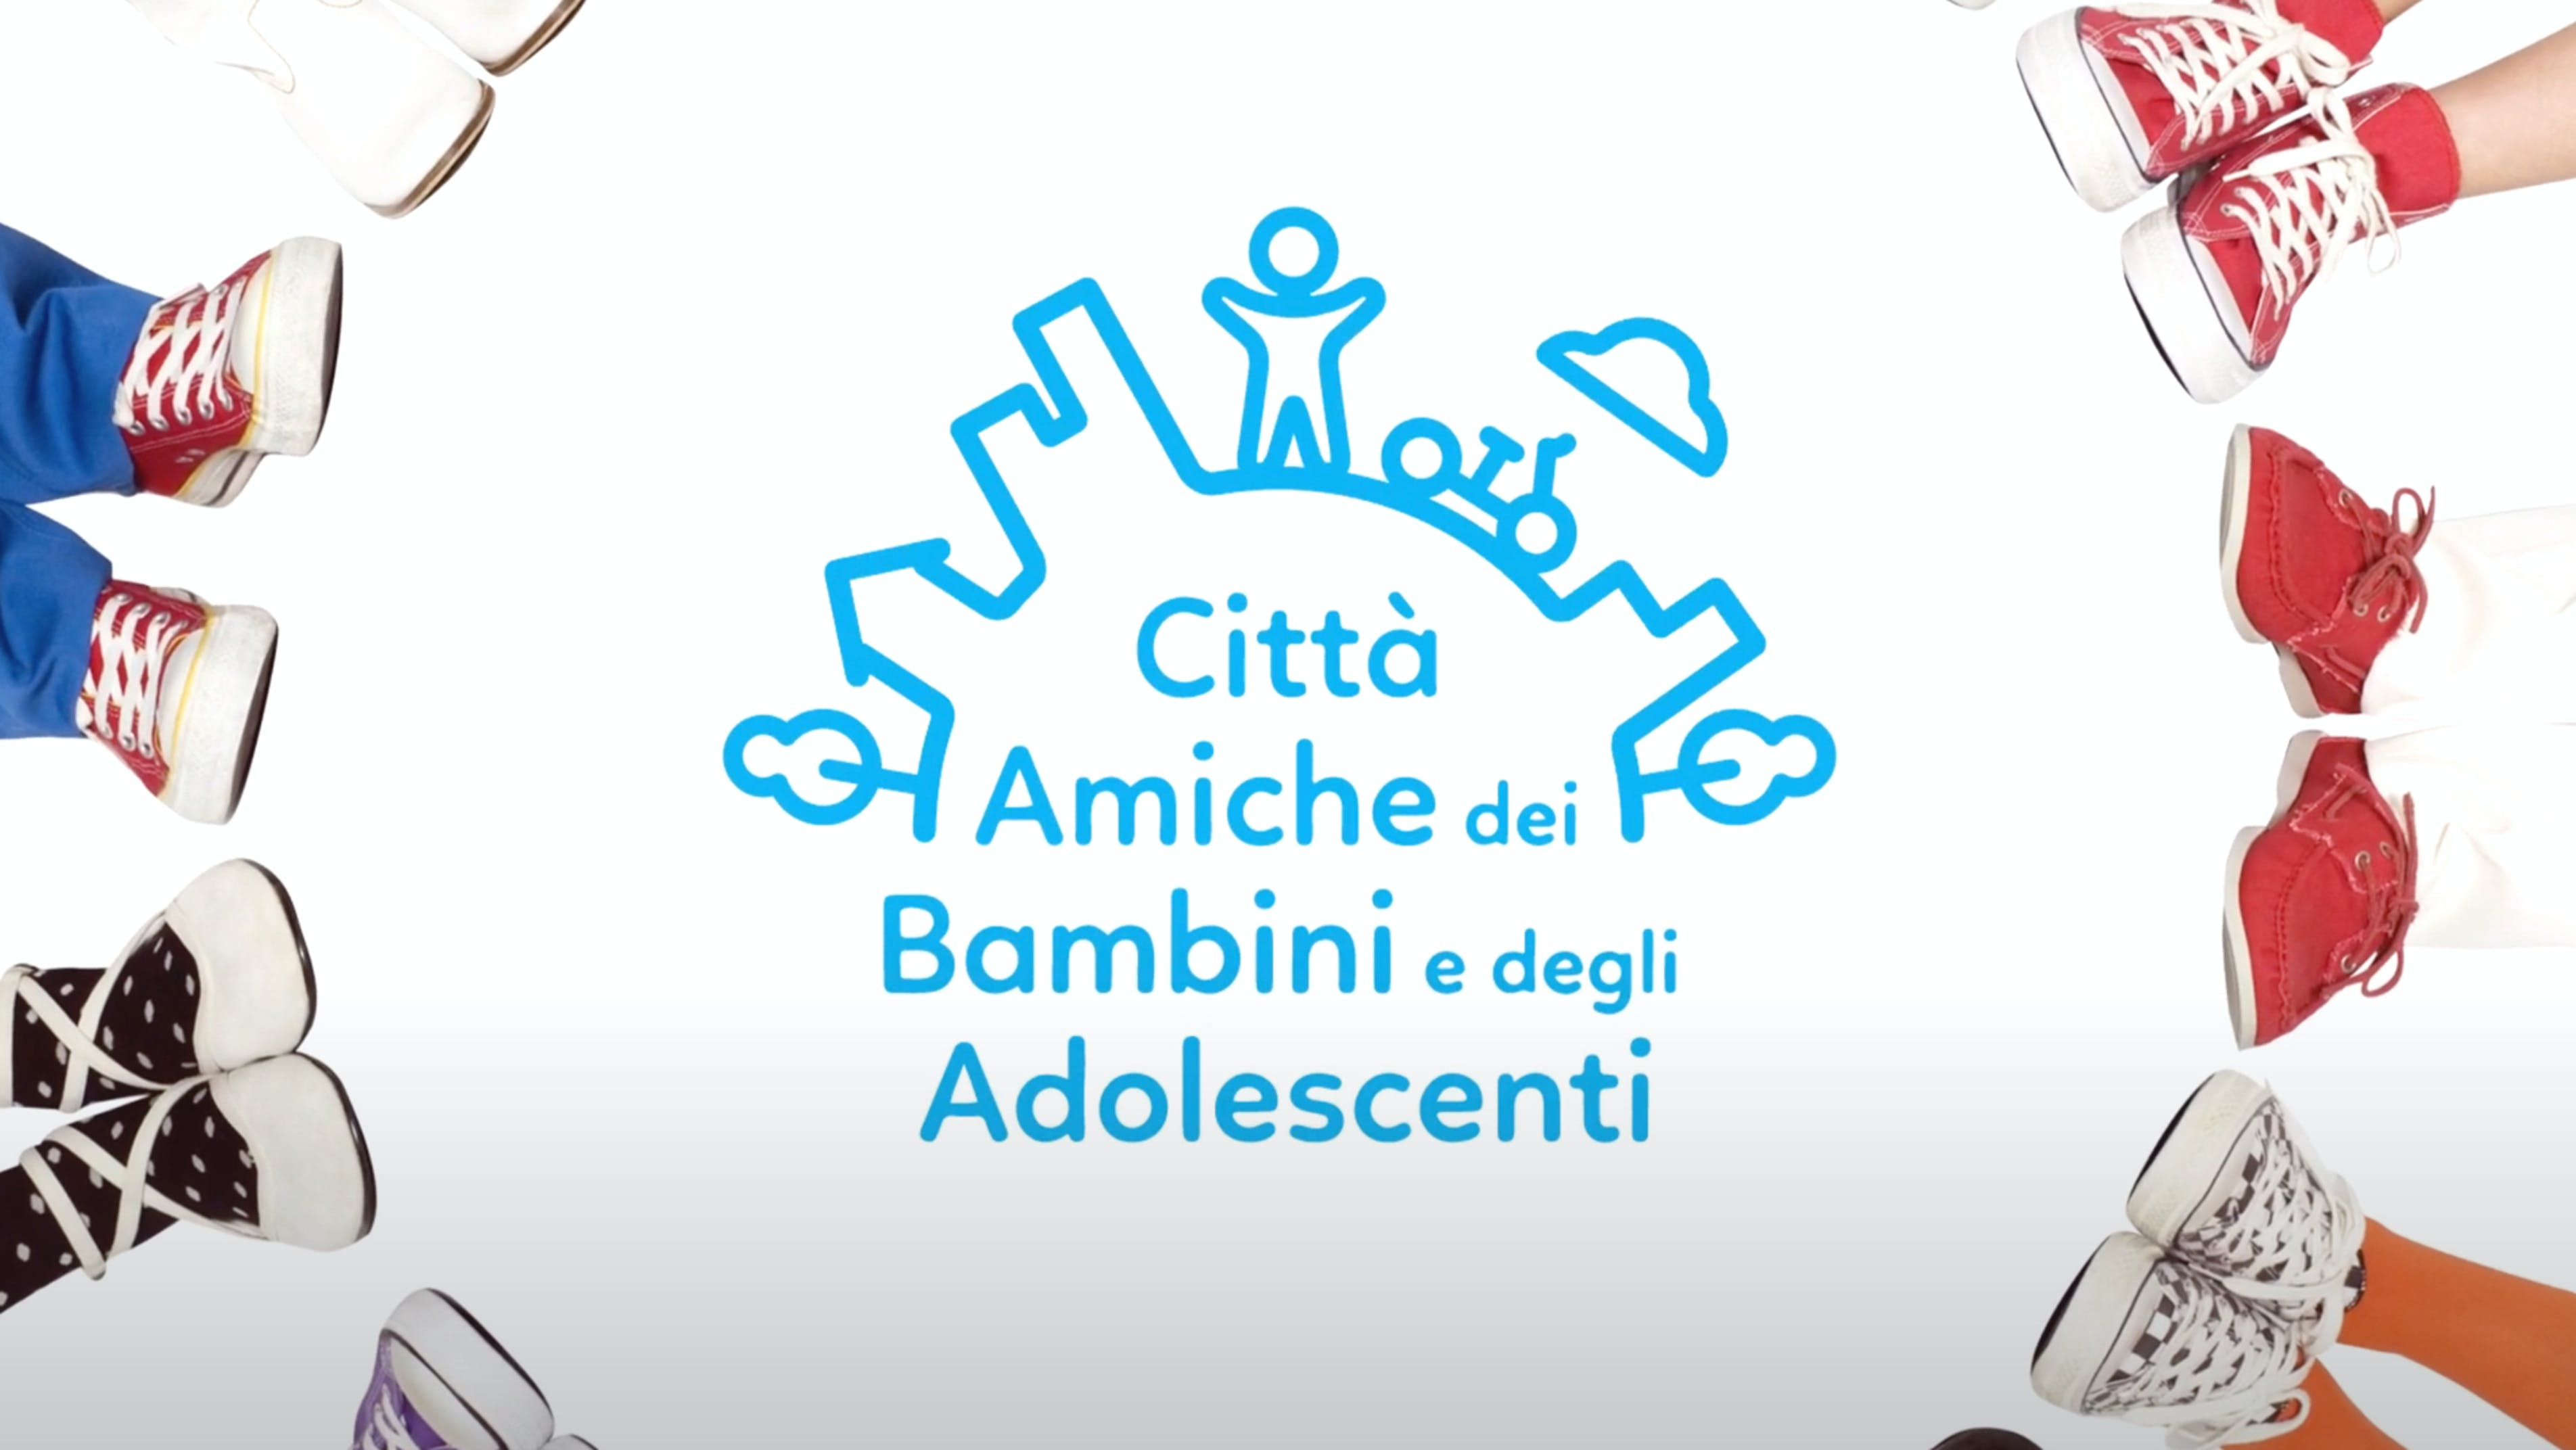 Città Amica: approfondiamo la Convenzione sui diritti dell'infanzia